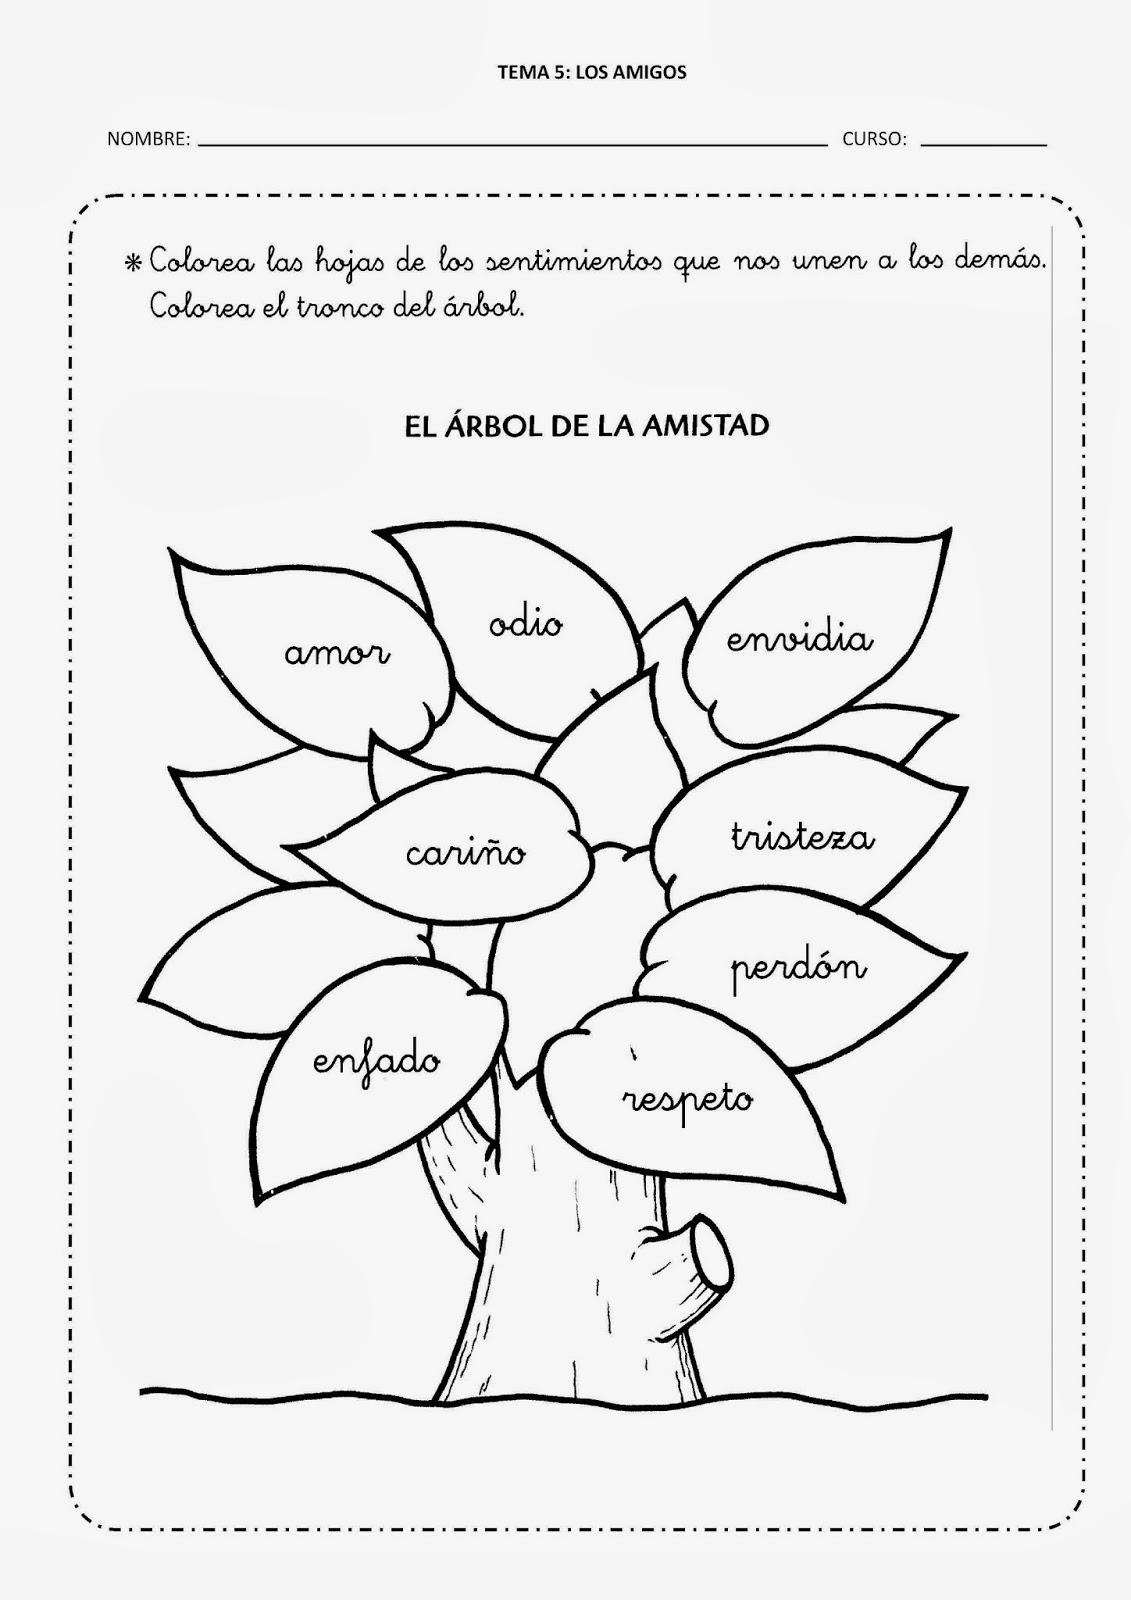 Aprendemos en reli tema 5 los amigos fichas 2 y 3 for Significado de la palabra arbol